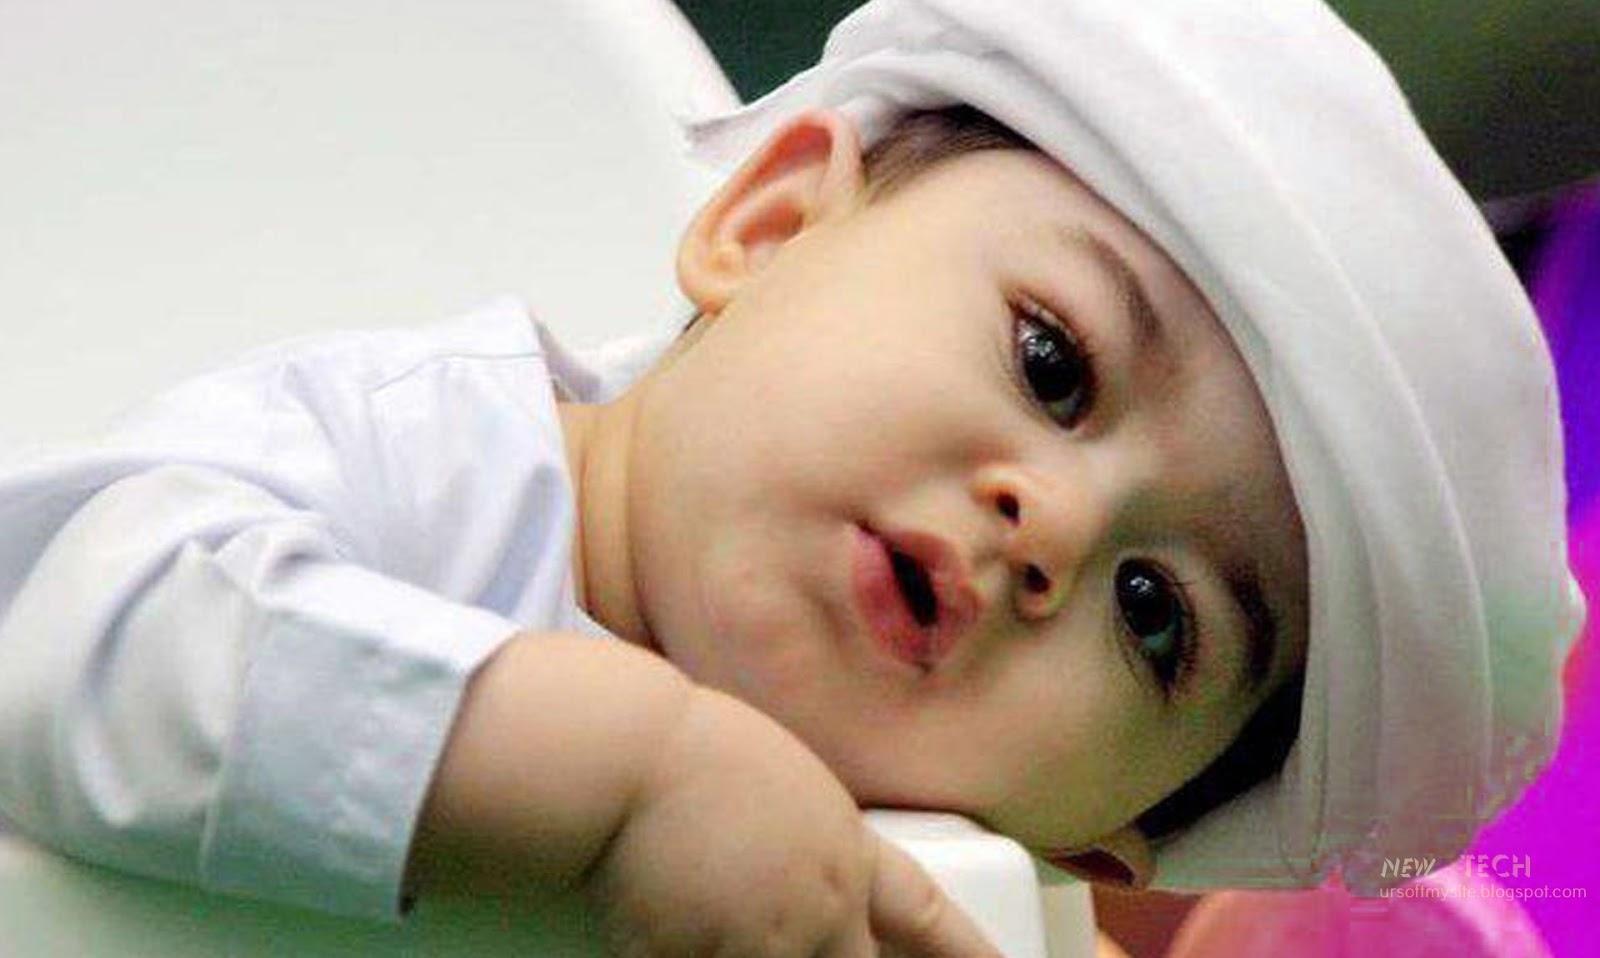 Baby Girl Aesthetic Wallpapers Top Free Baby Girl Aesthetic